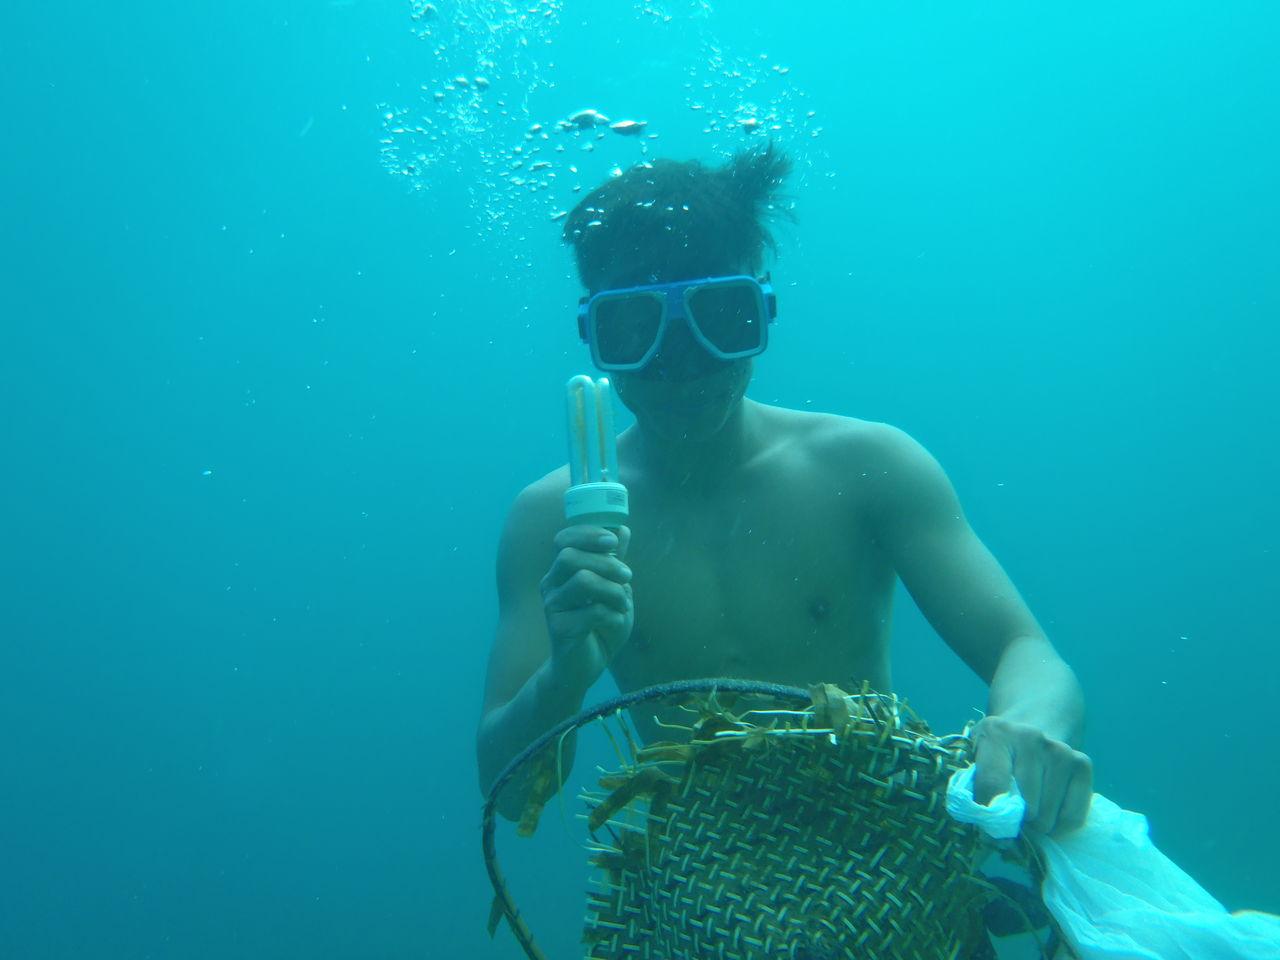 スキンダイビングで海底クリーニング活動